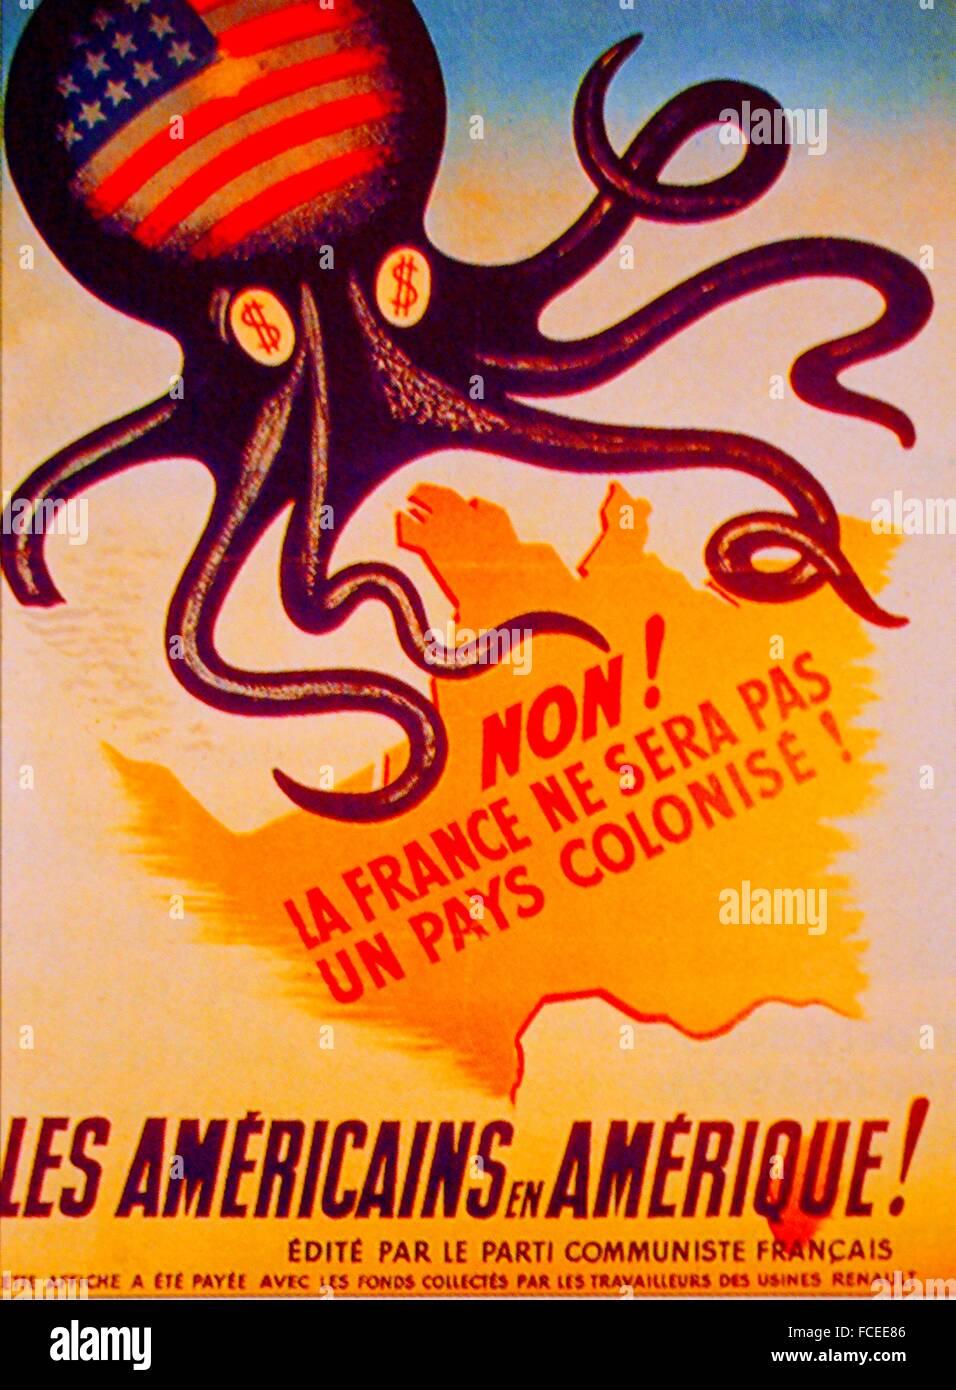 """La France. Affiche du PCF (Parti Communiste Français) contre le """"Plan Marshall"""". (Les Américains Photo Stock"""